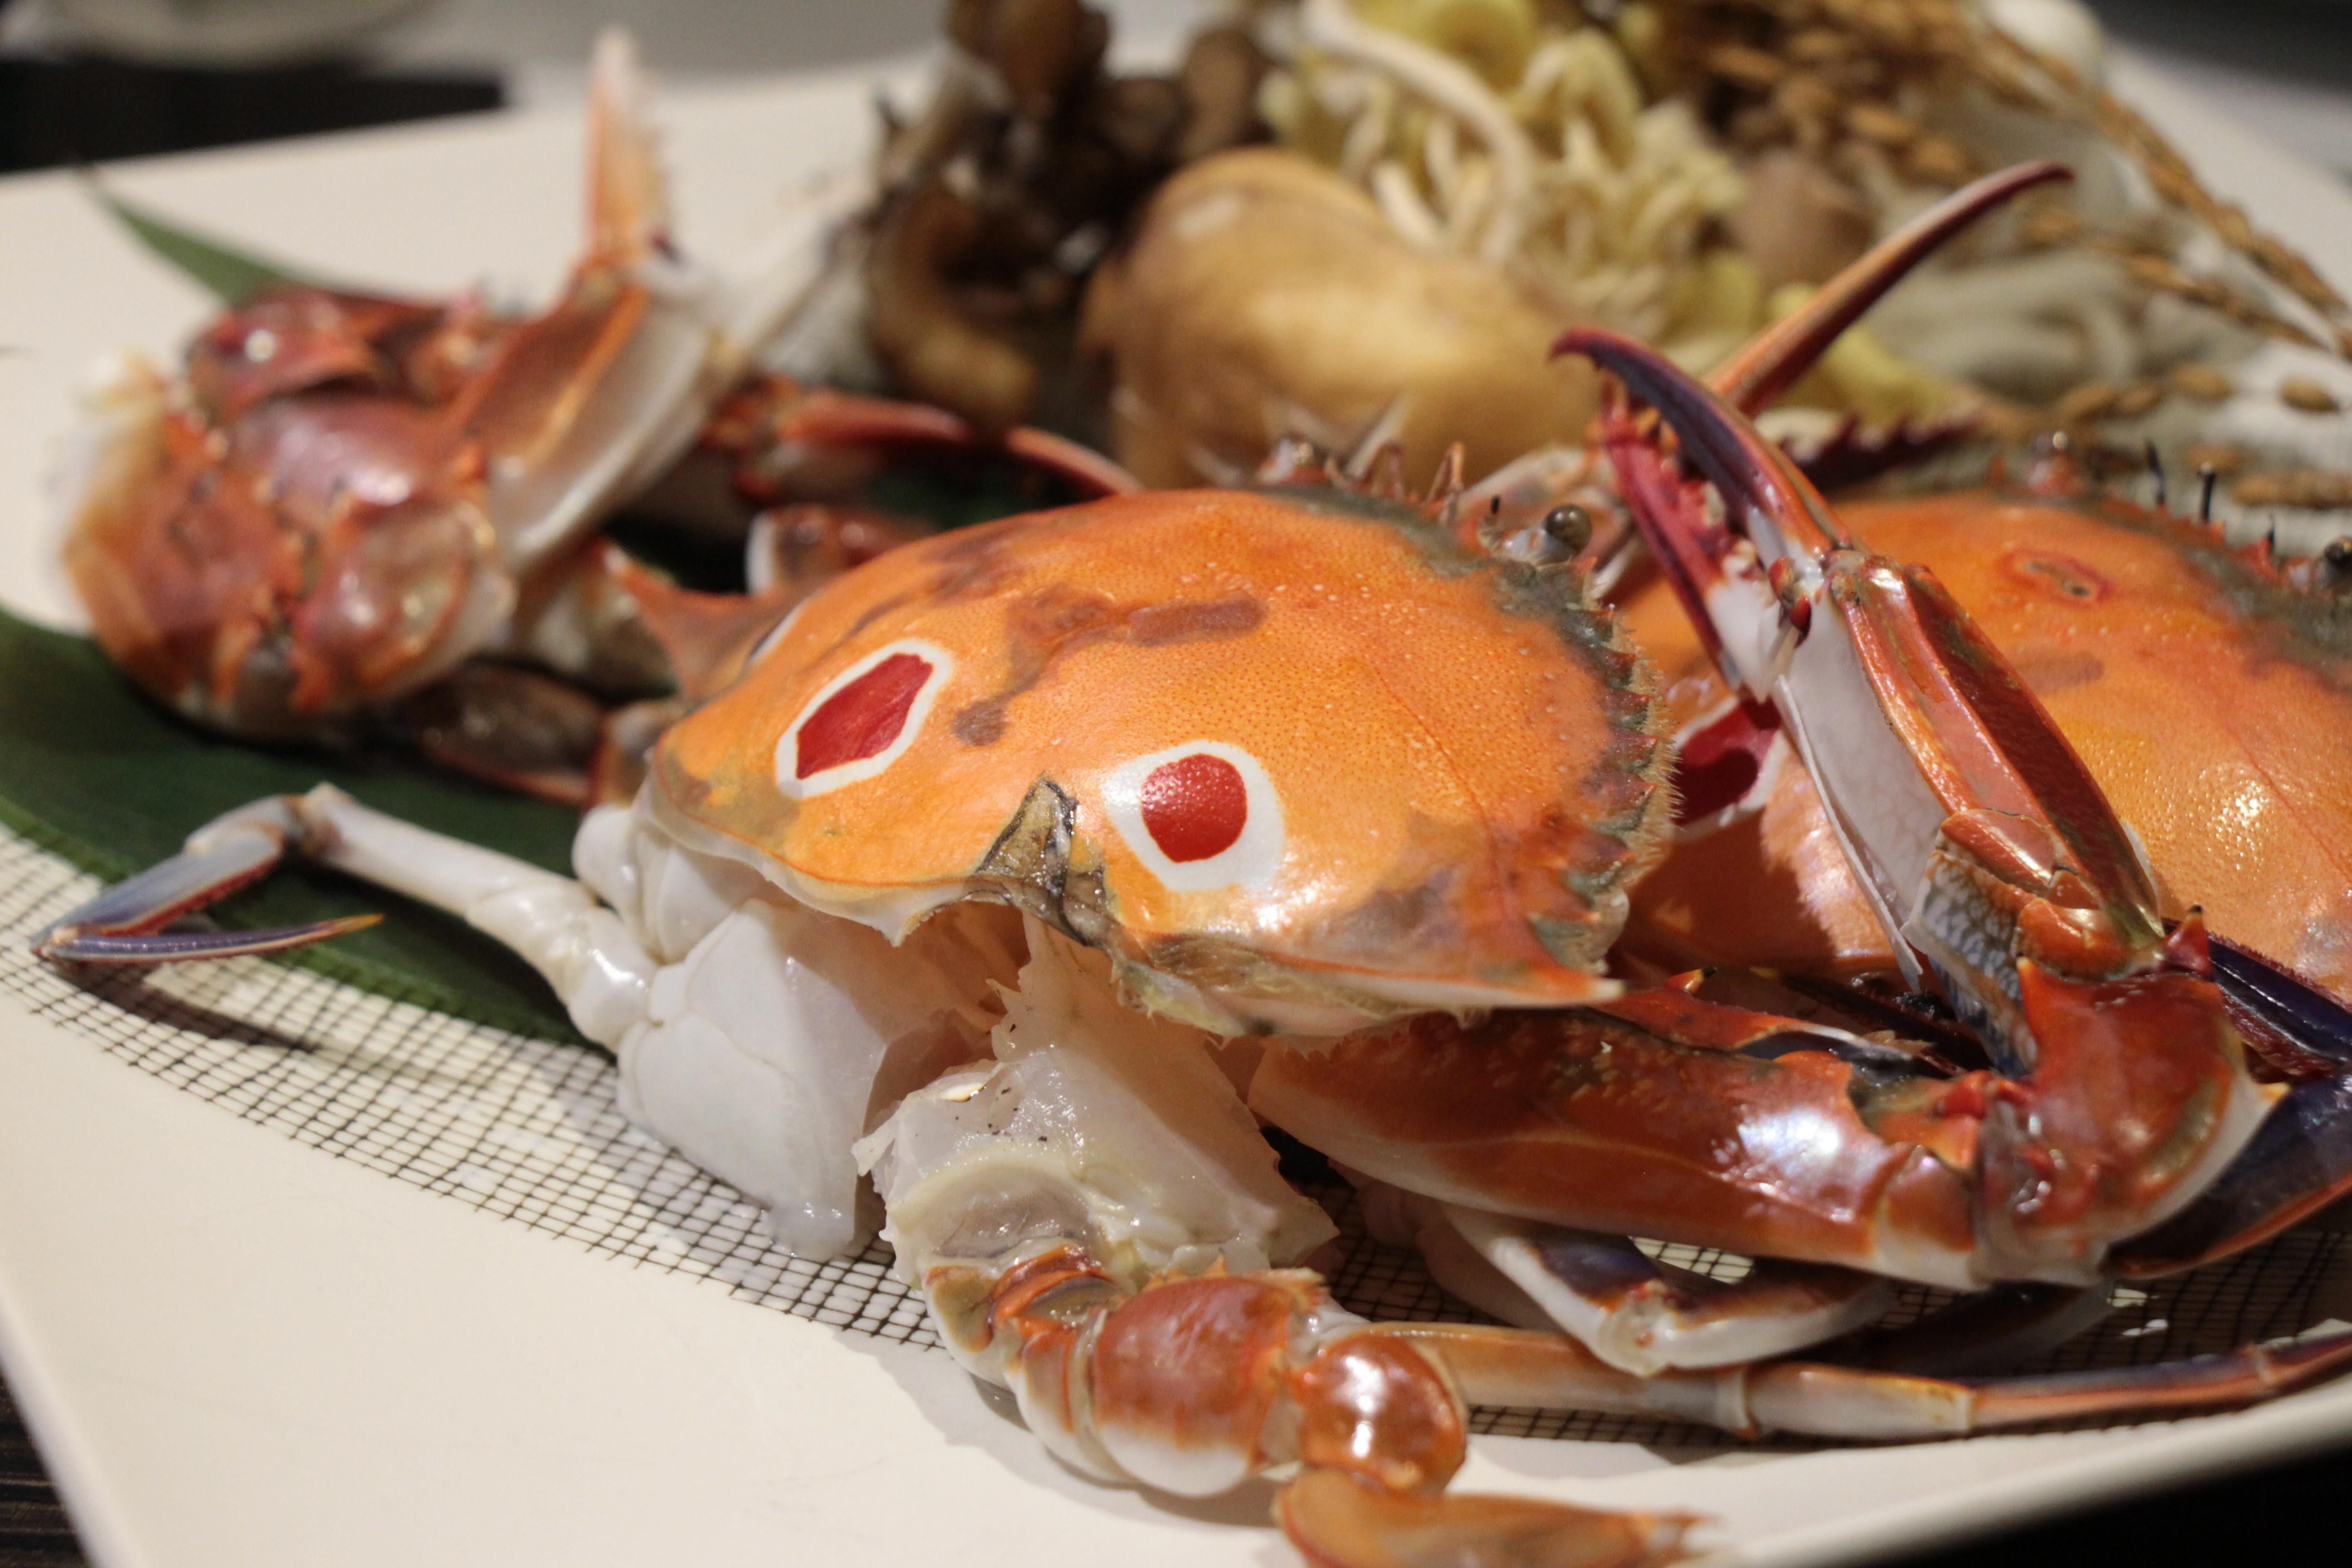 濱之屋推出秋蟹與秋鮭二款季節限定鍋。(圖/黃士原攝)